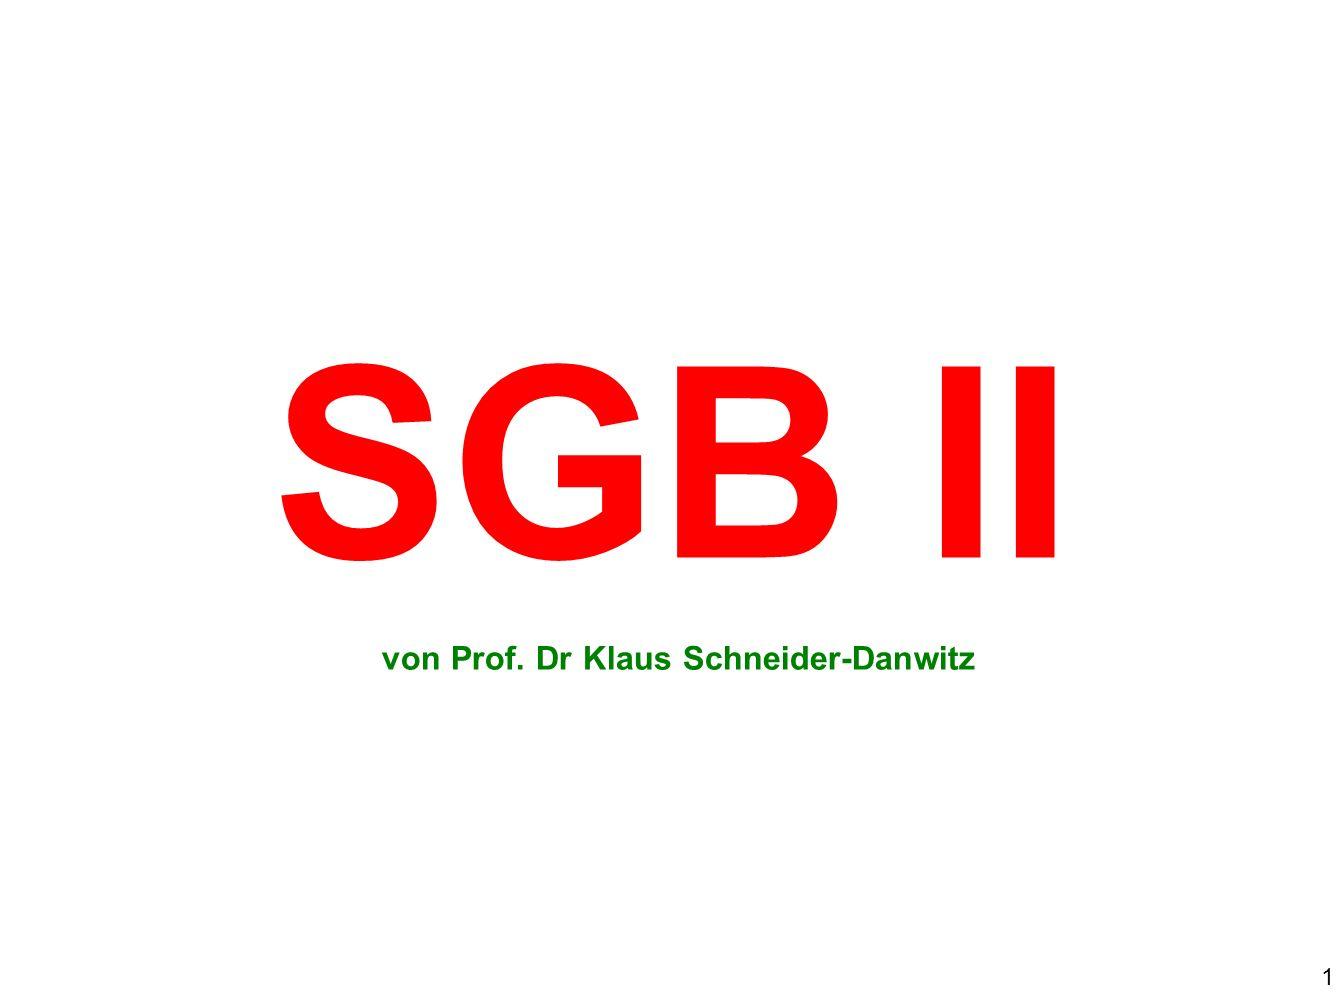 1 SGB II von Prof. Dr Klaus Schneider-Danwitz